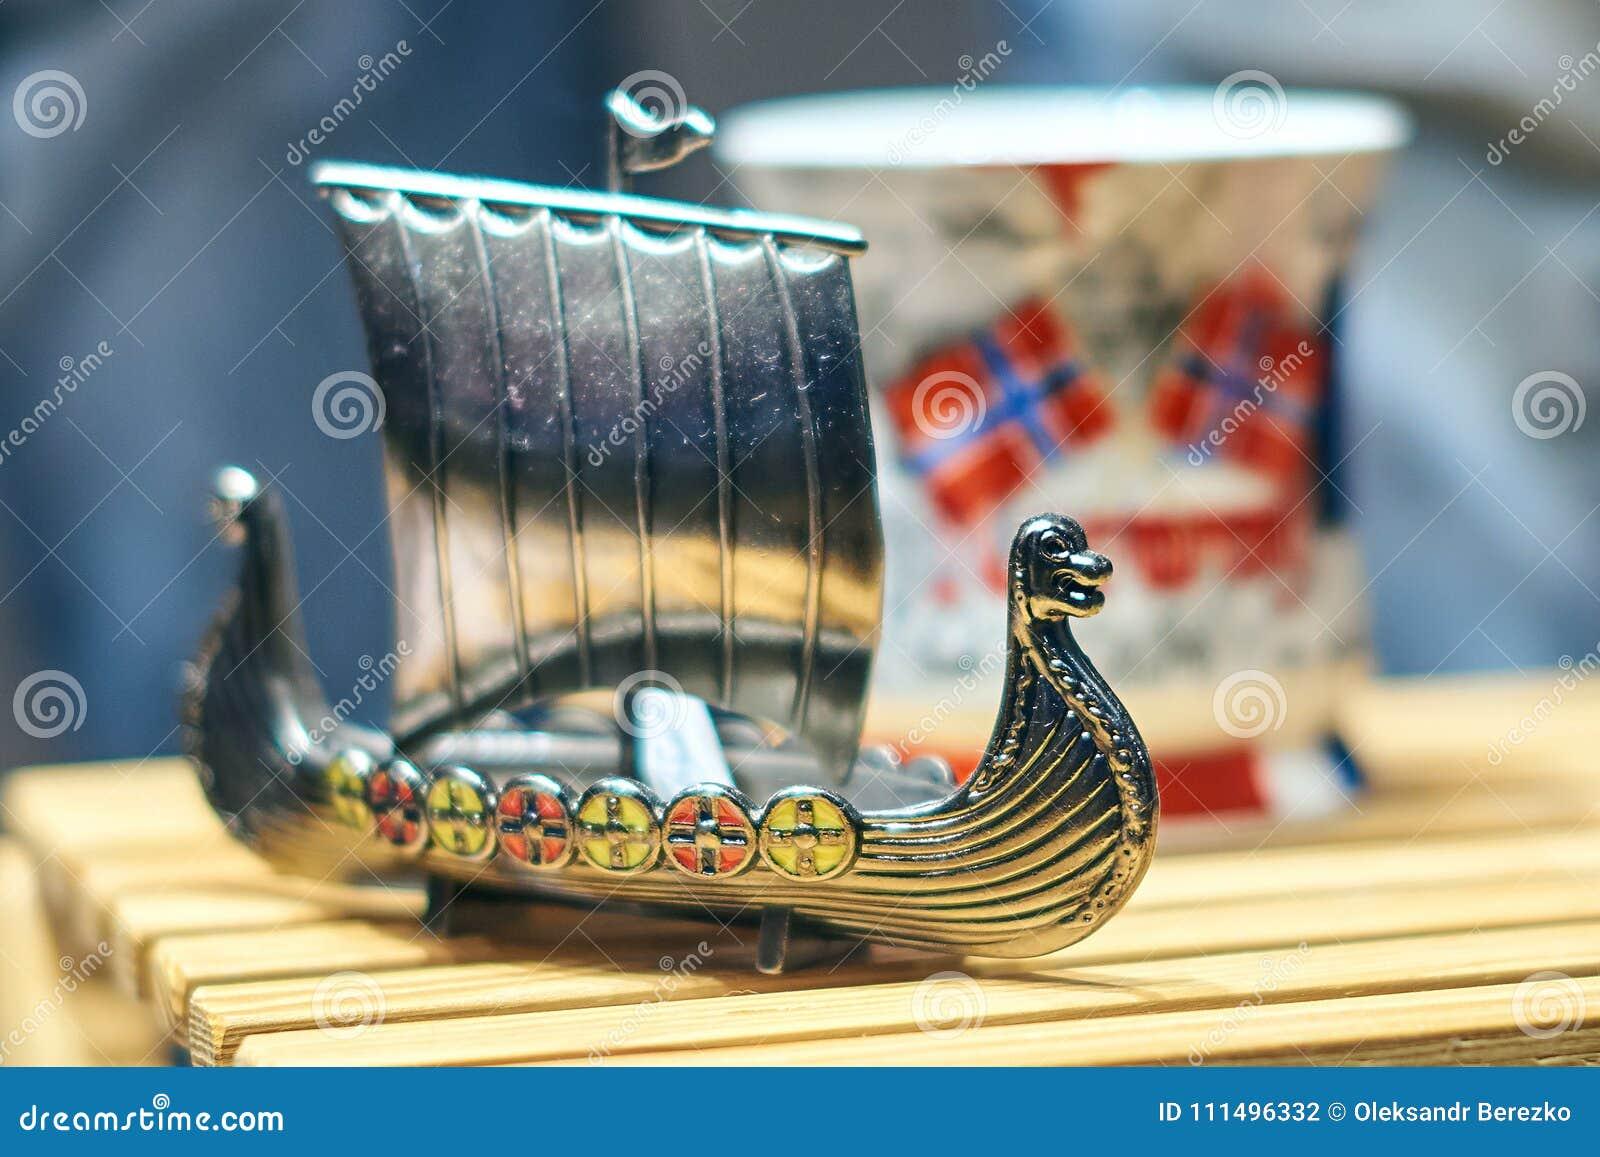 Bateau de jouet de Viking en métal également connu sous le nom de karve ou knarr et tasse norvégienne traditionnelle avec le drap